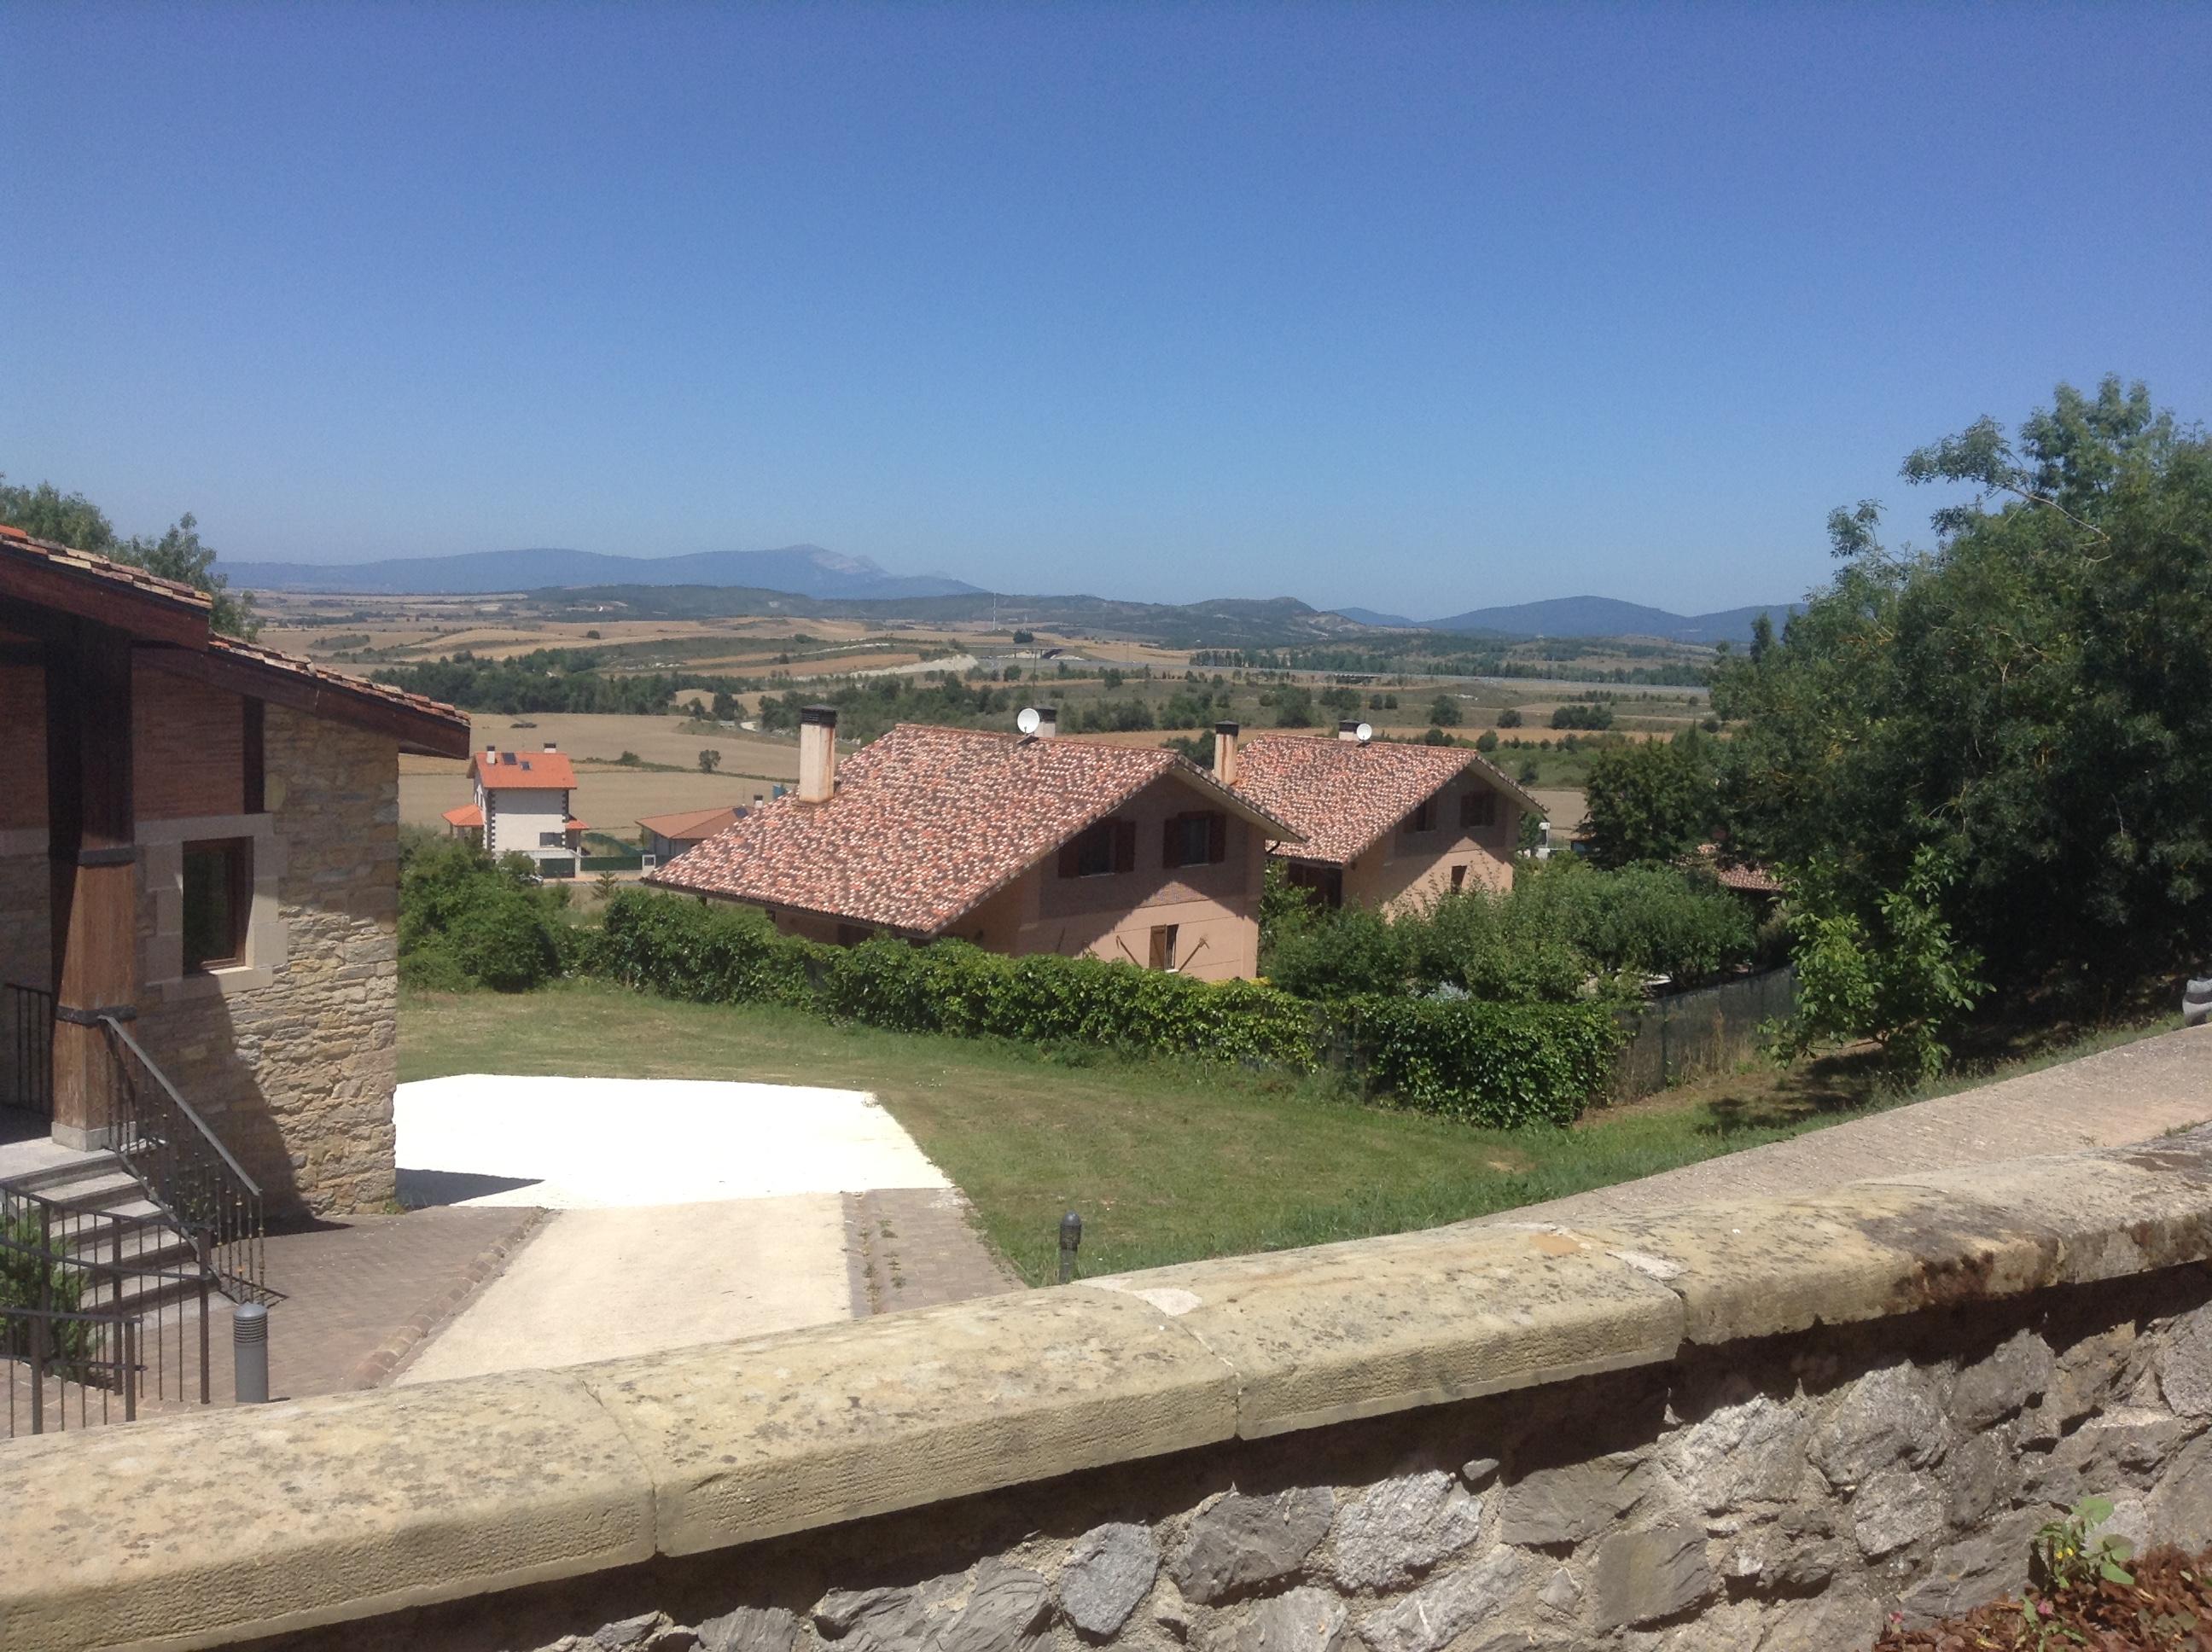 View from the Parador de Argómaniz